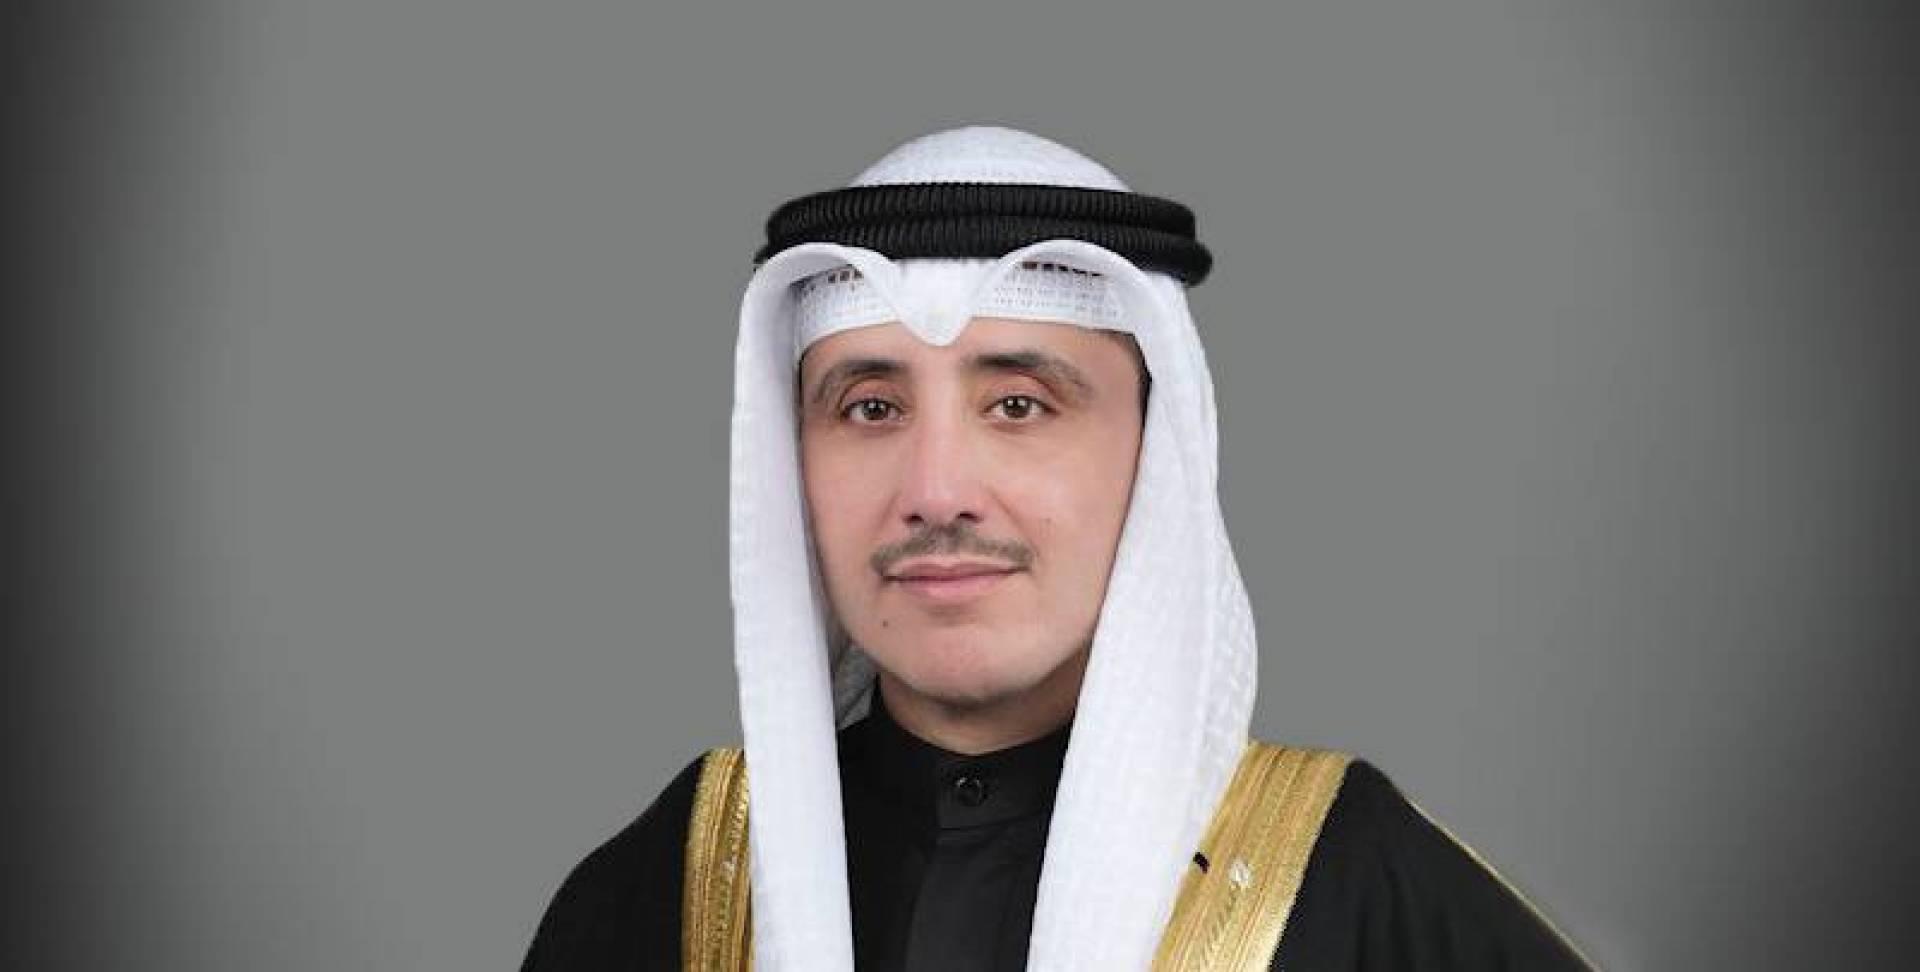 وزير الخارجية: مباحثات مثمرة جرت مؤخراً بشأن جهود تحقيق المصالحة الخليجية